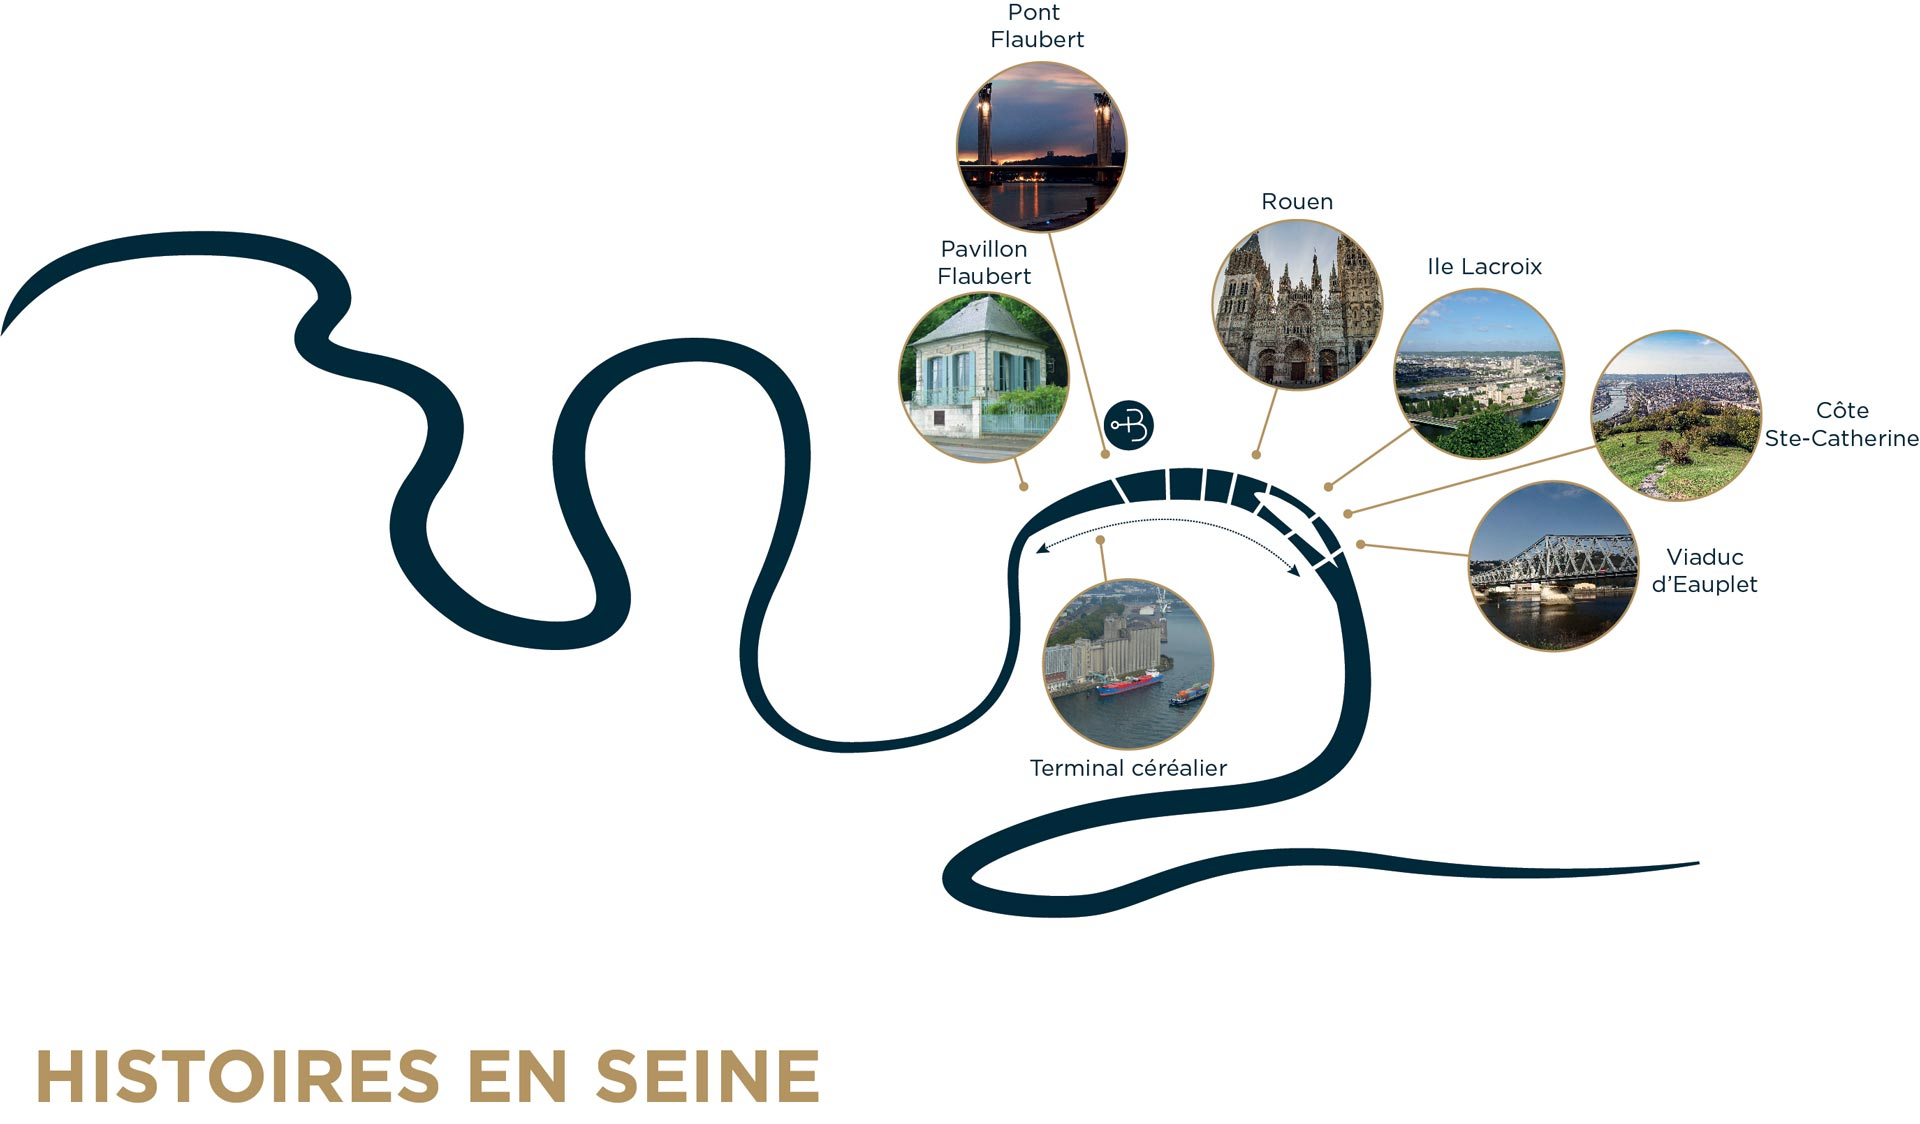 bodega-promenade-histoires-en-seine-normandie